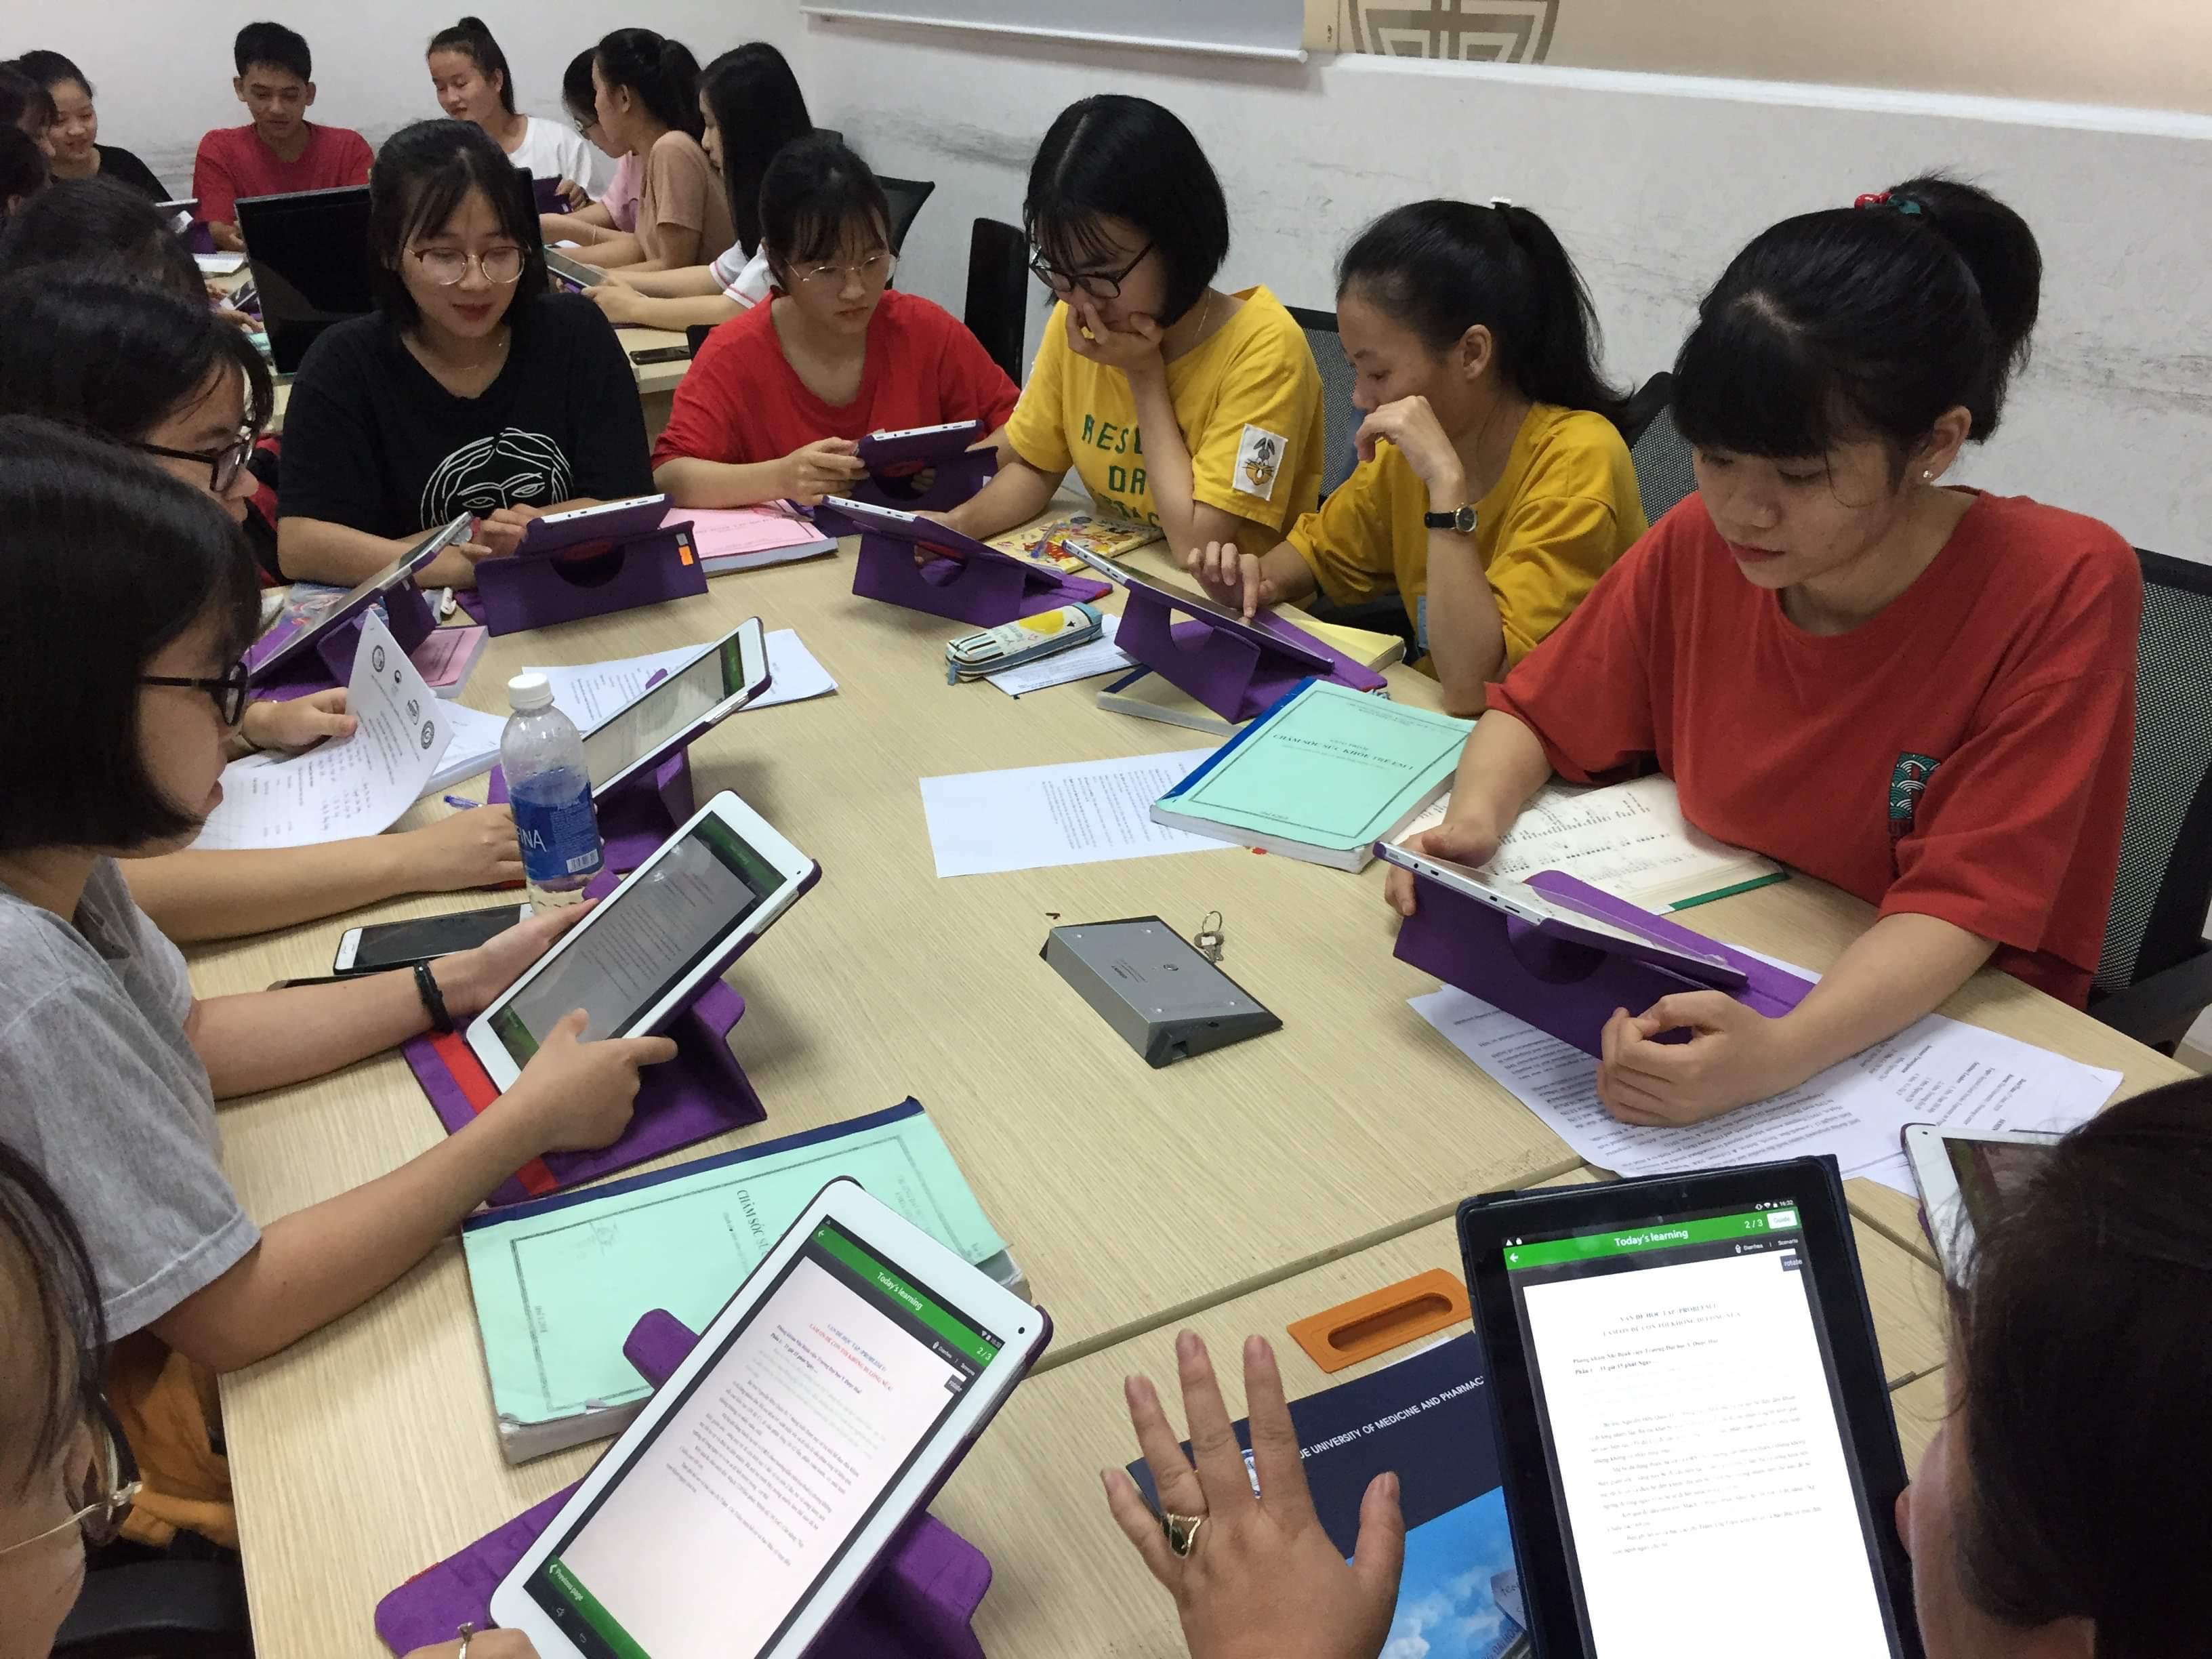 Ứng dụng phương pháp học tập UBL và sử dụng phương pháp UBT trong kiểm tra